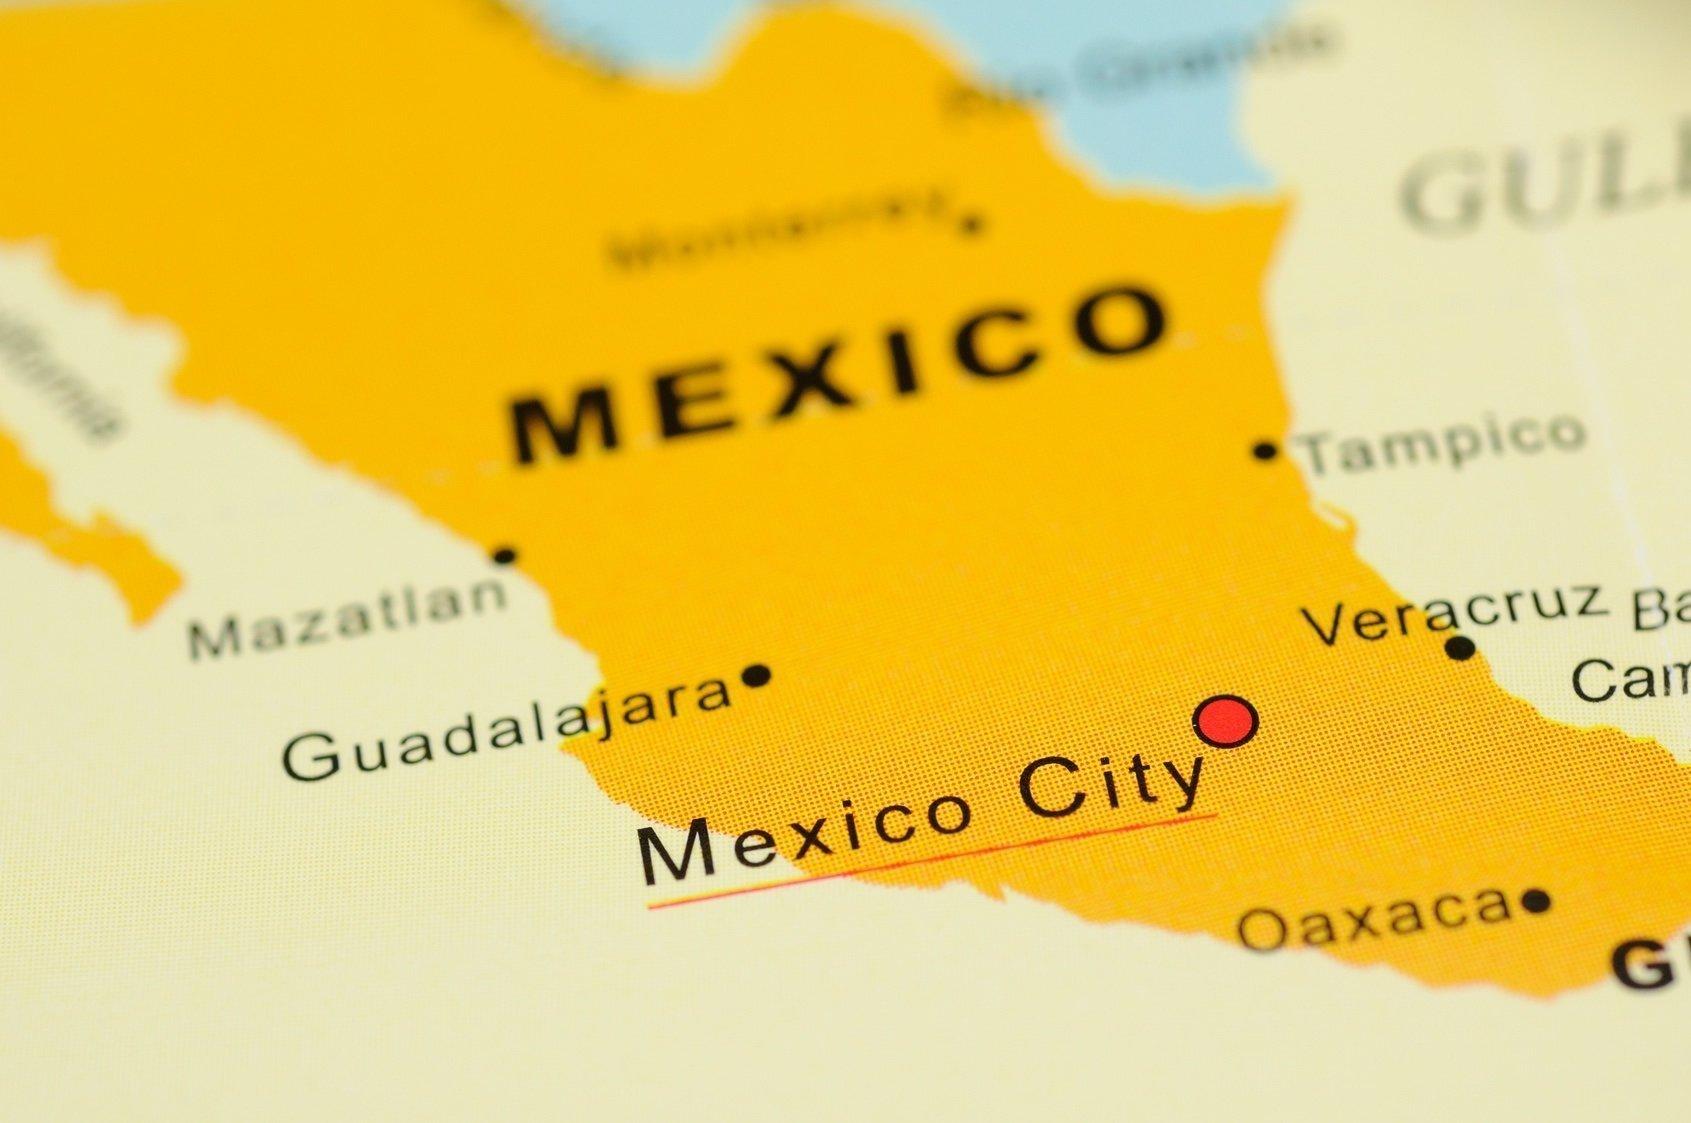 Turismo médico en México llega a 110000 visitantes